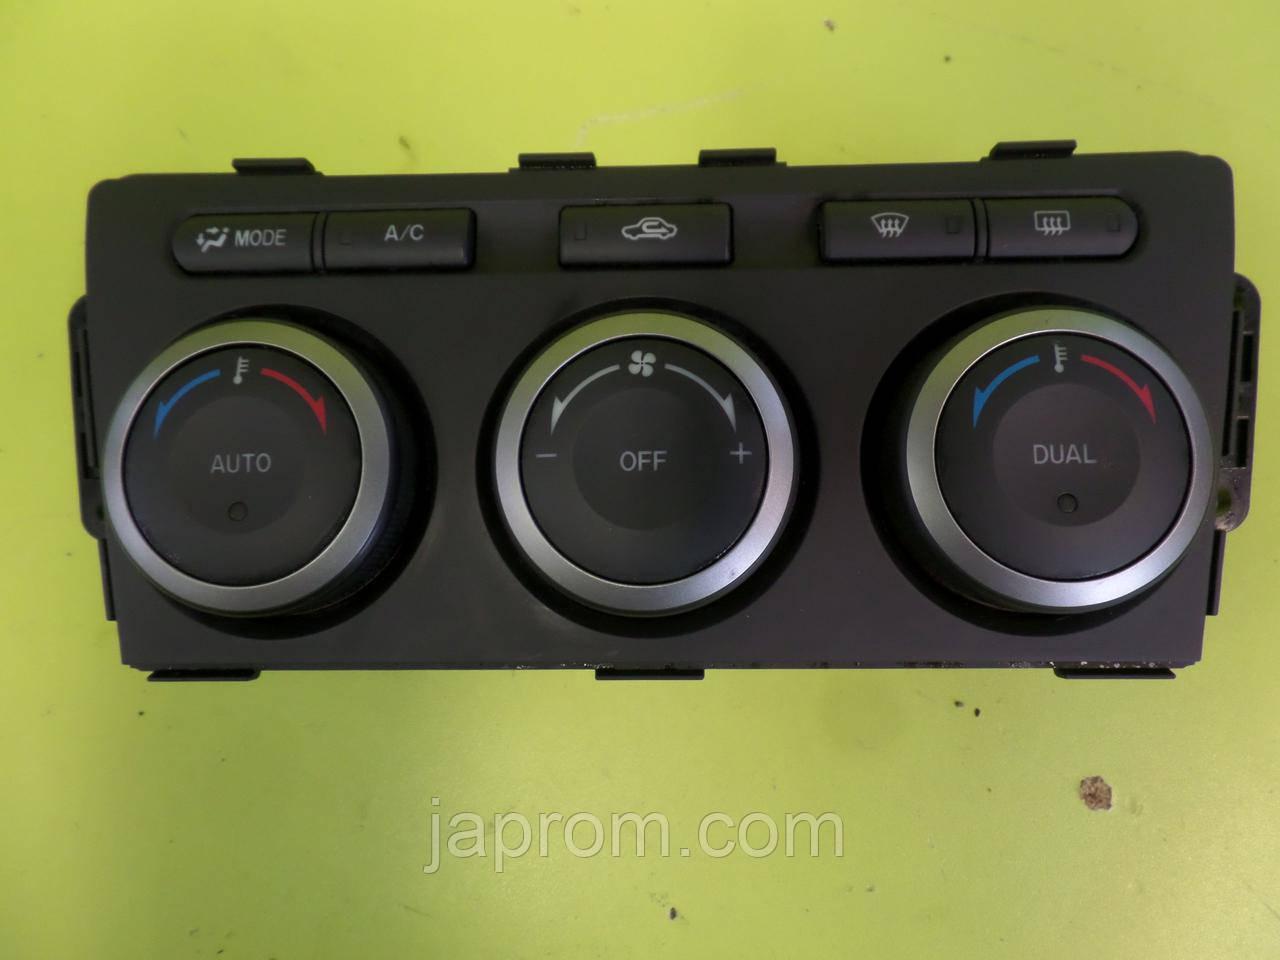 Блок управления печкой (отопителем) климат контролем Mazda 6 GH 2008-2012г.в.